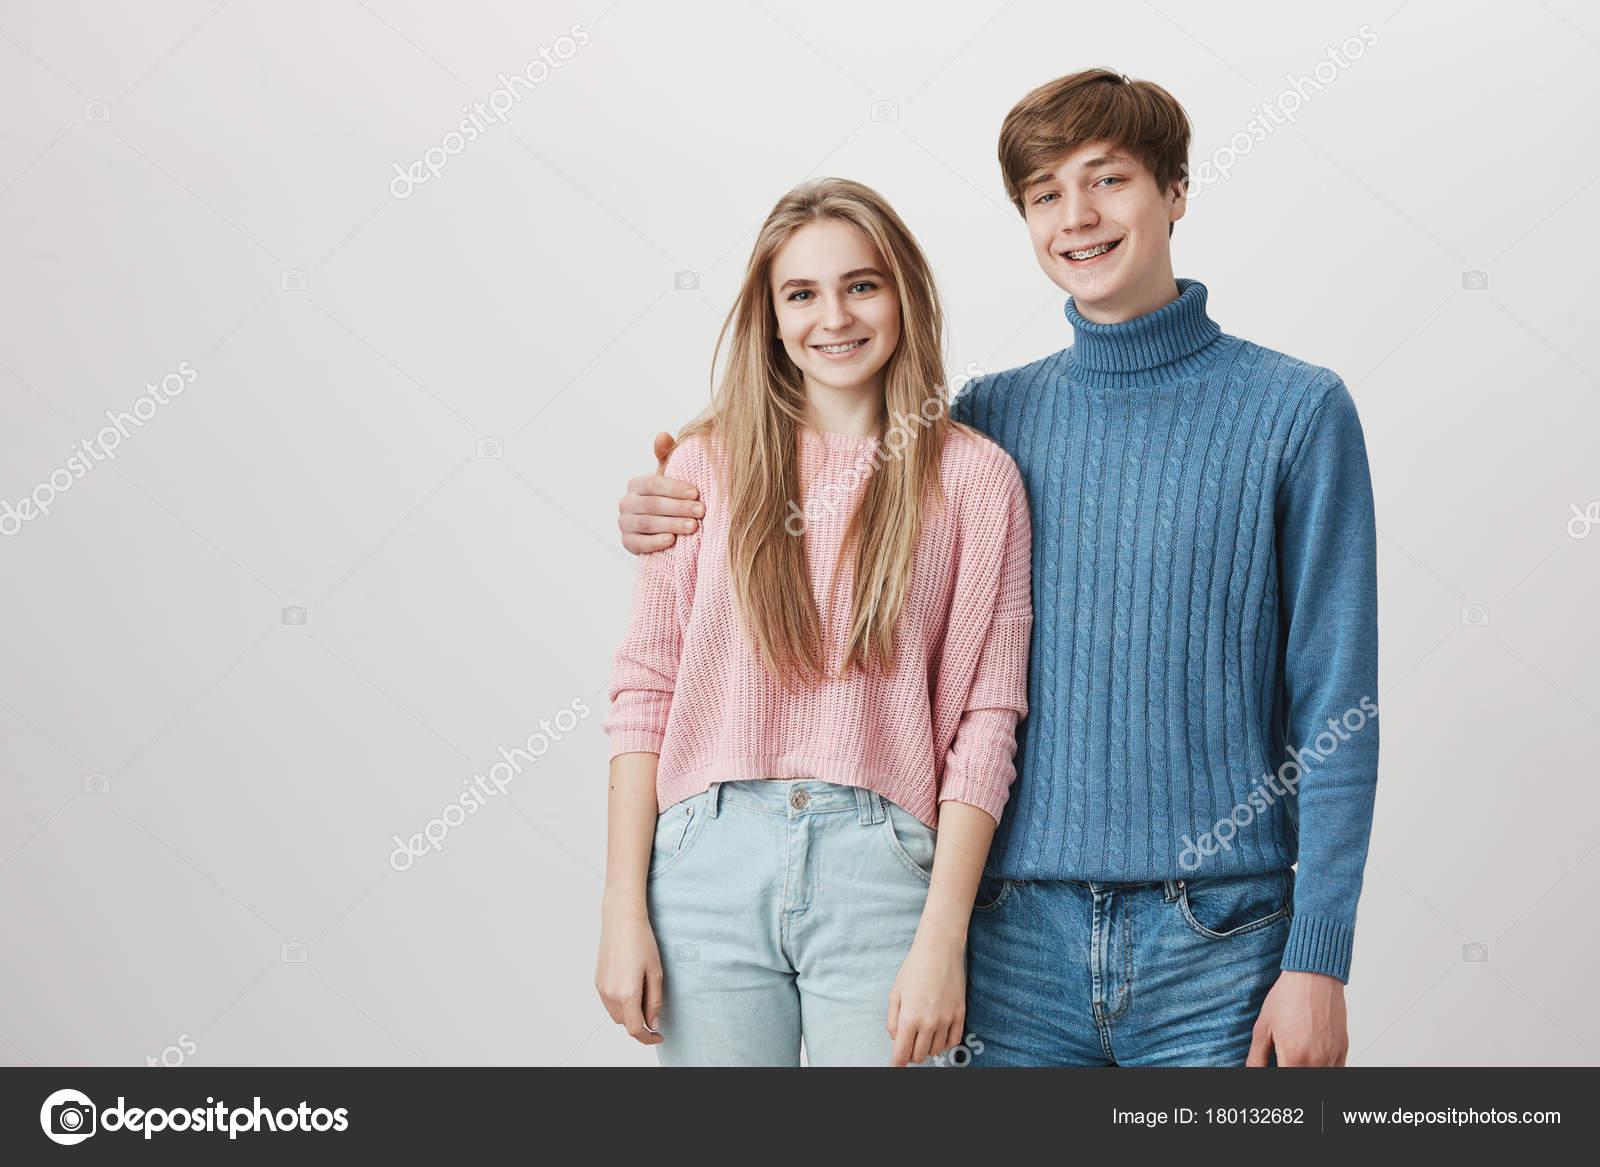 6f4161be4 Conceito de família e parentes. Cintura-se retrato de caucasiano irmão e  irmã posando contra fundo cinza. Jovem feminino e masculino com alegria a  sorrir ...